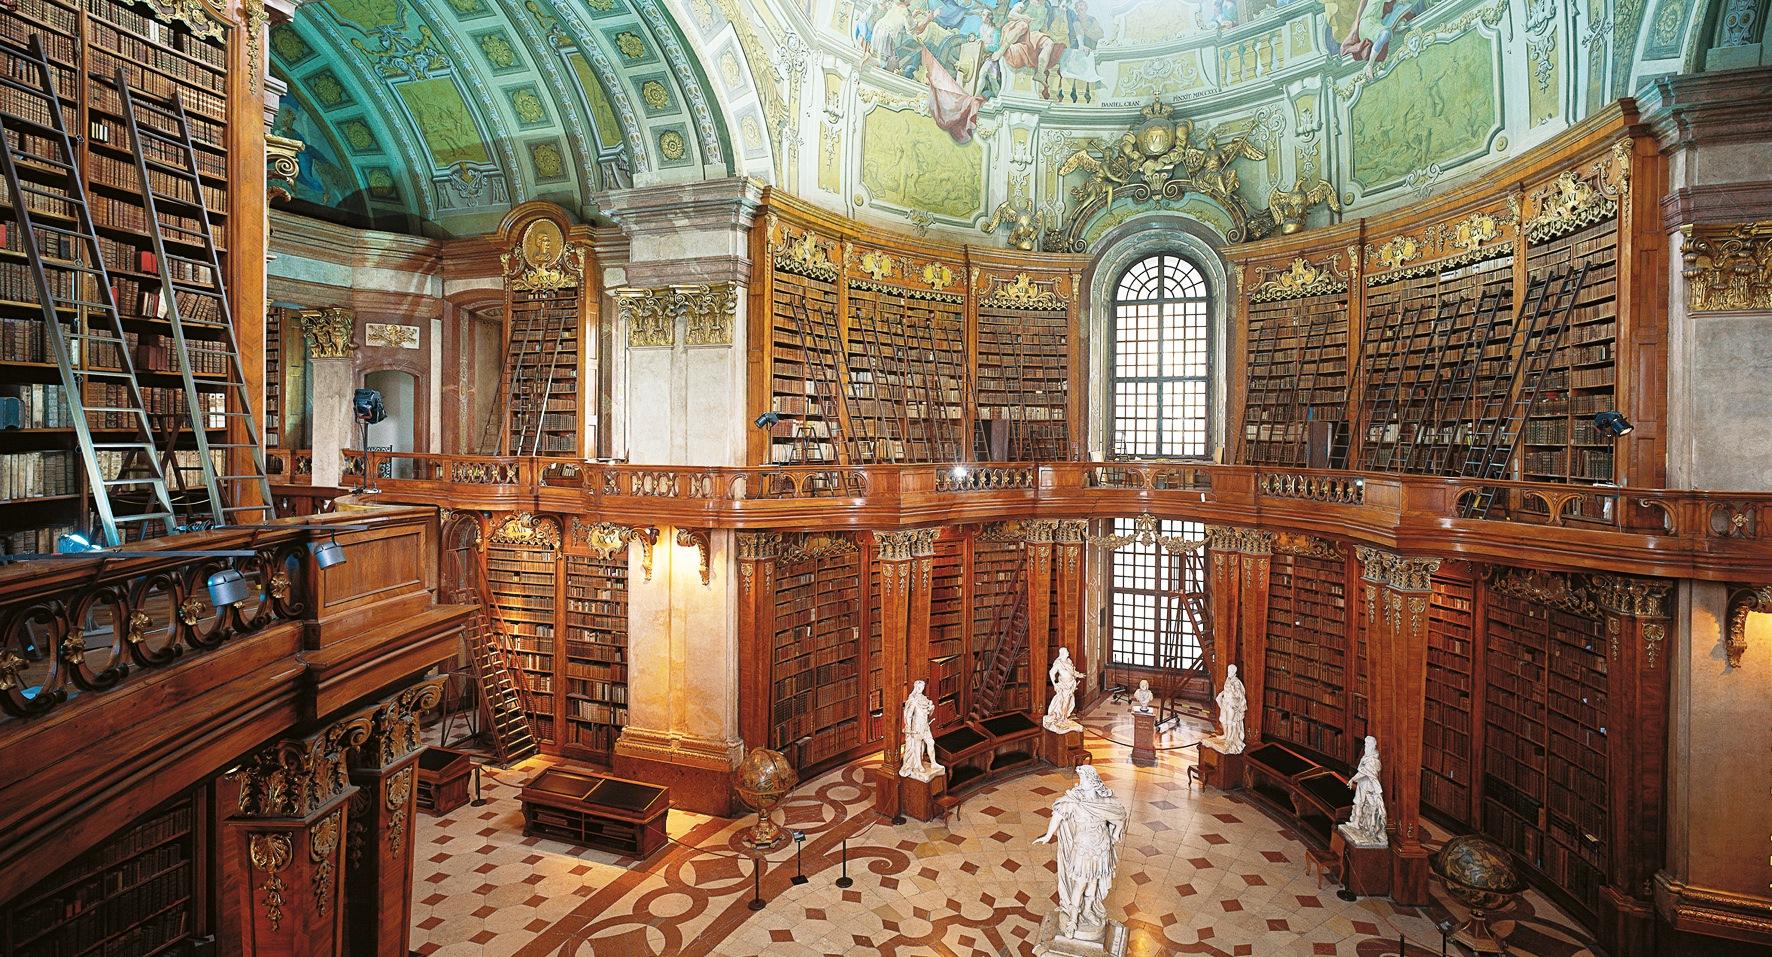 Prunksaal Öserreichische Nationalbibliothek